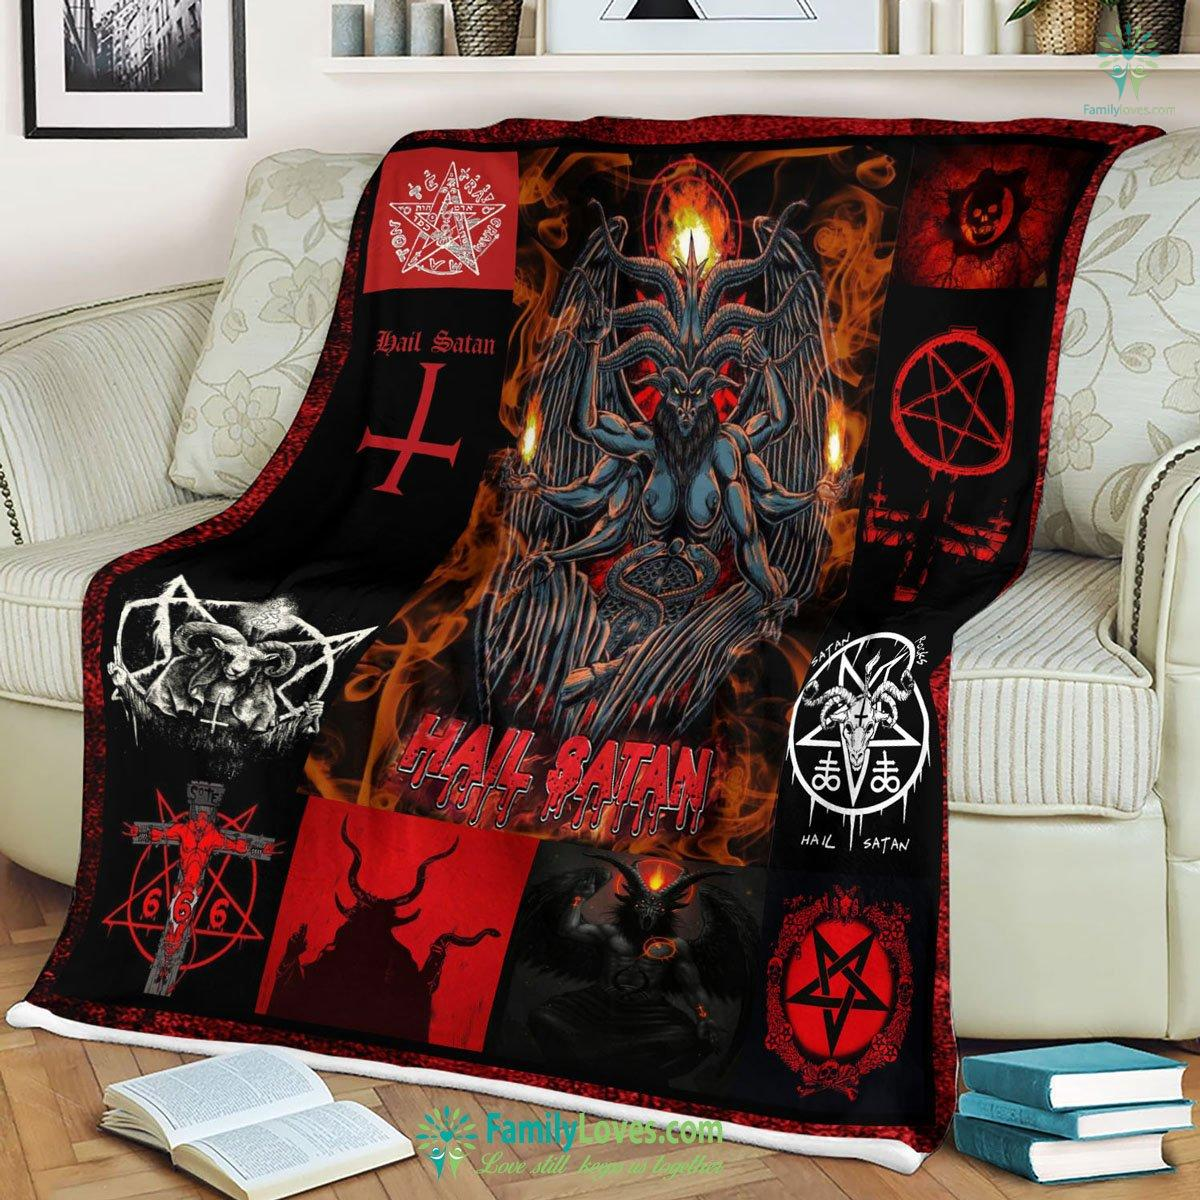 Hail Satan Fleece Blanket 8 Familyloves.com